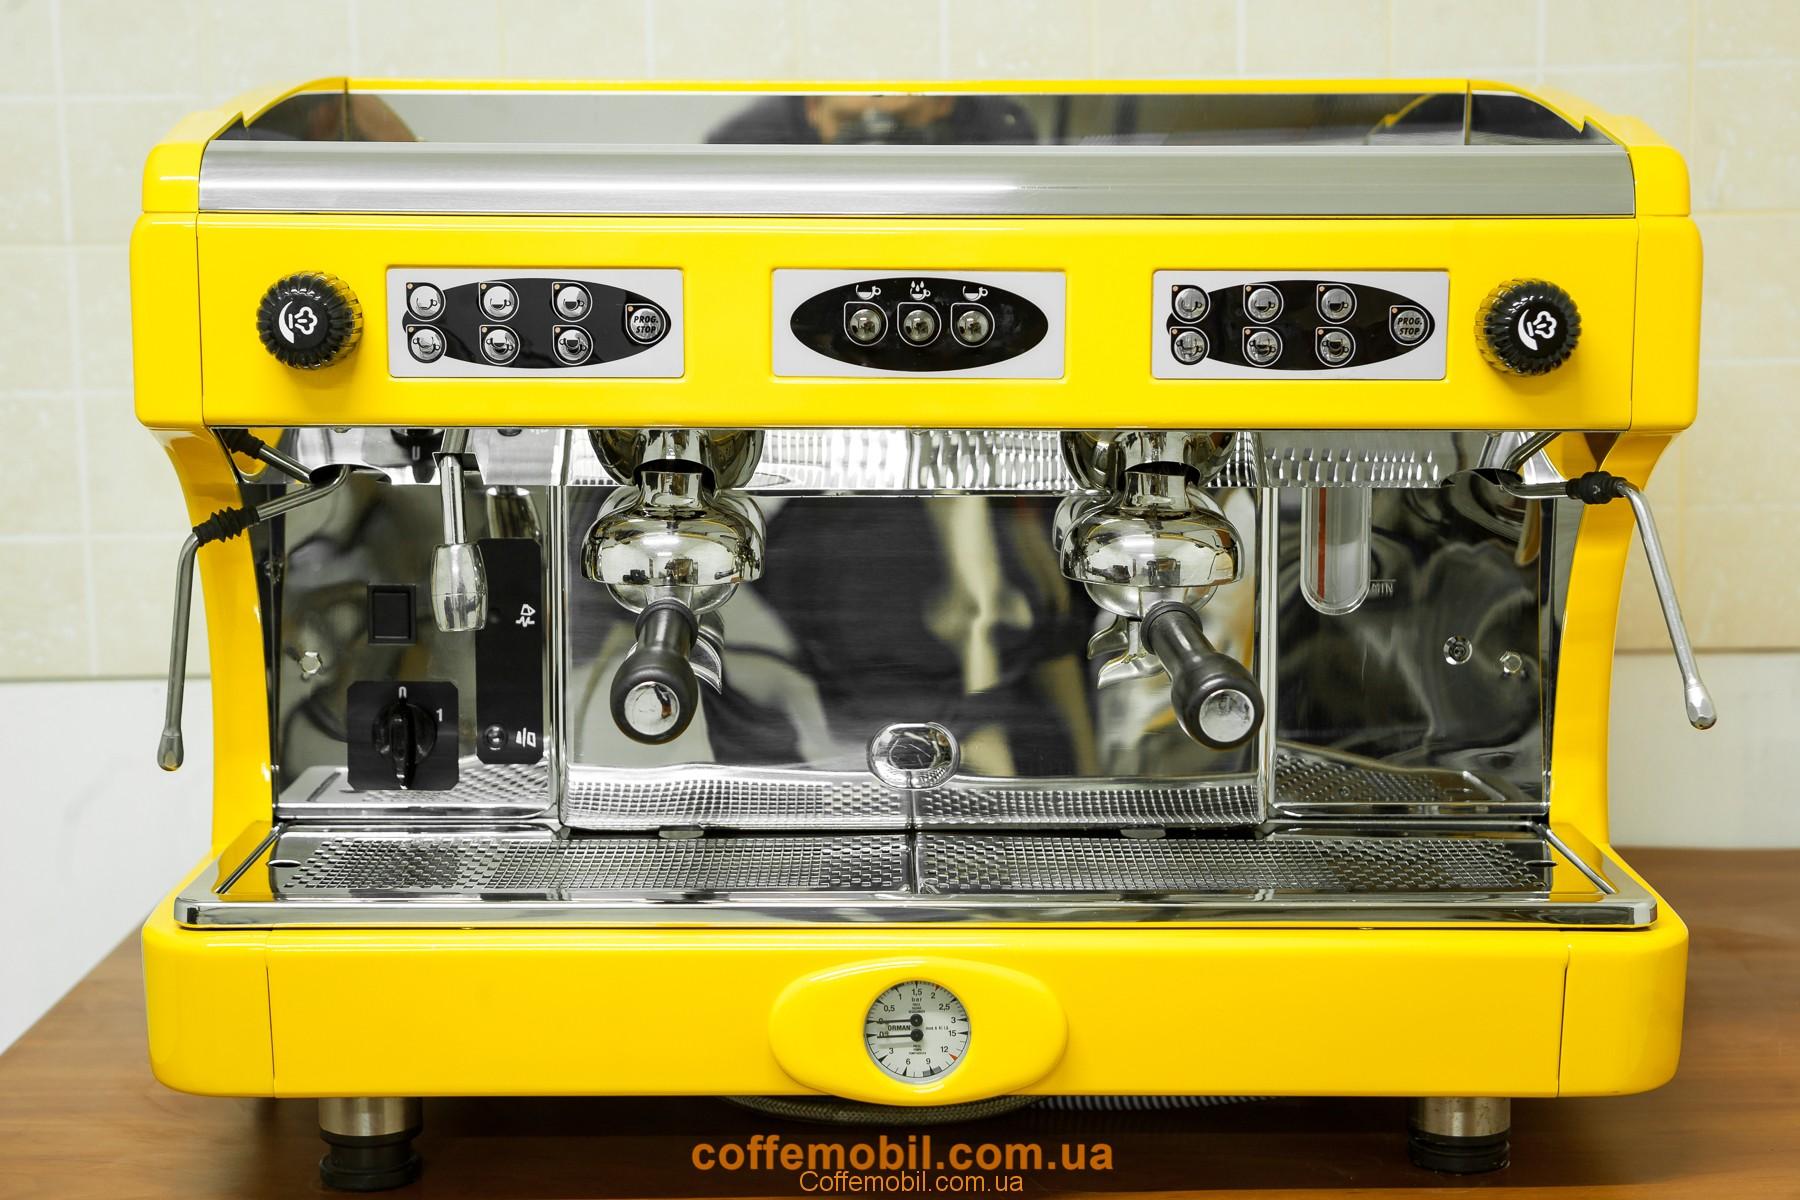 Професійна кавомашина Astoria Calypso 2gr